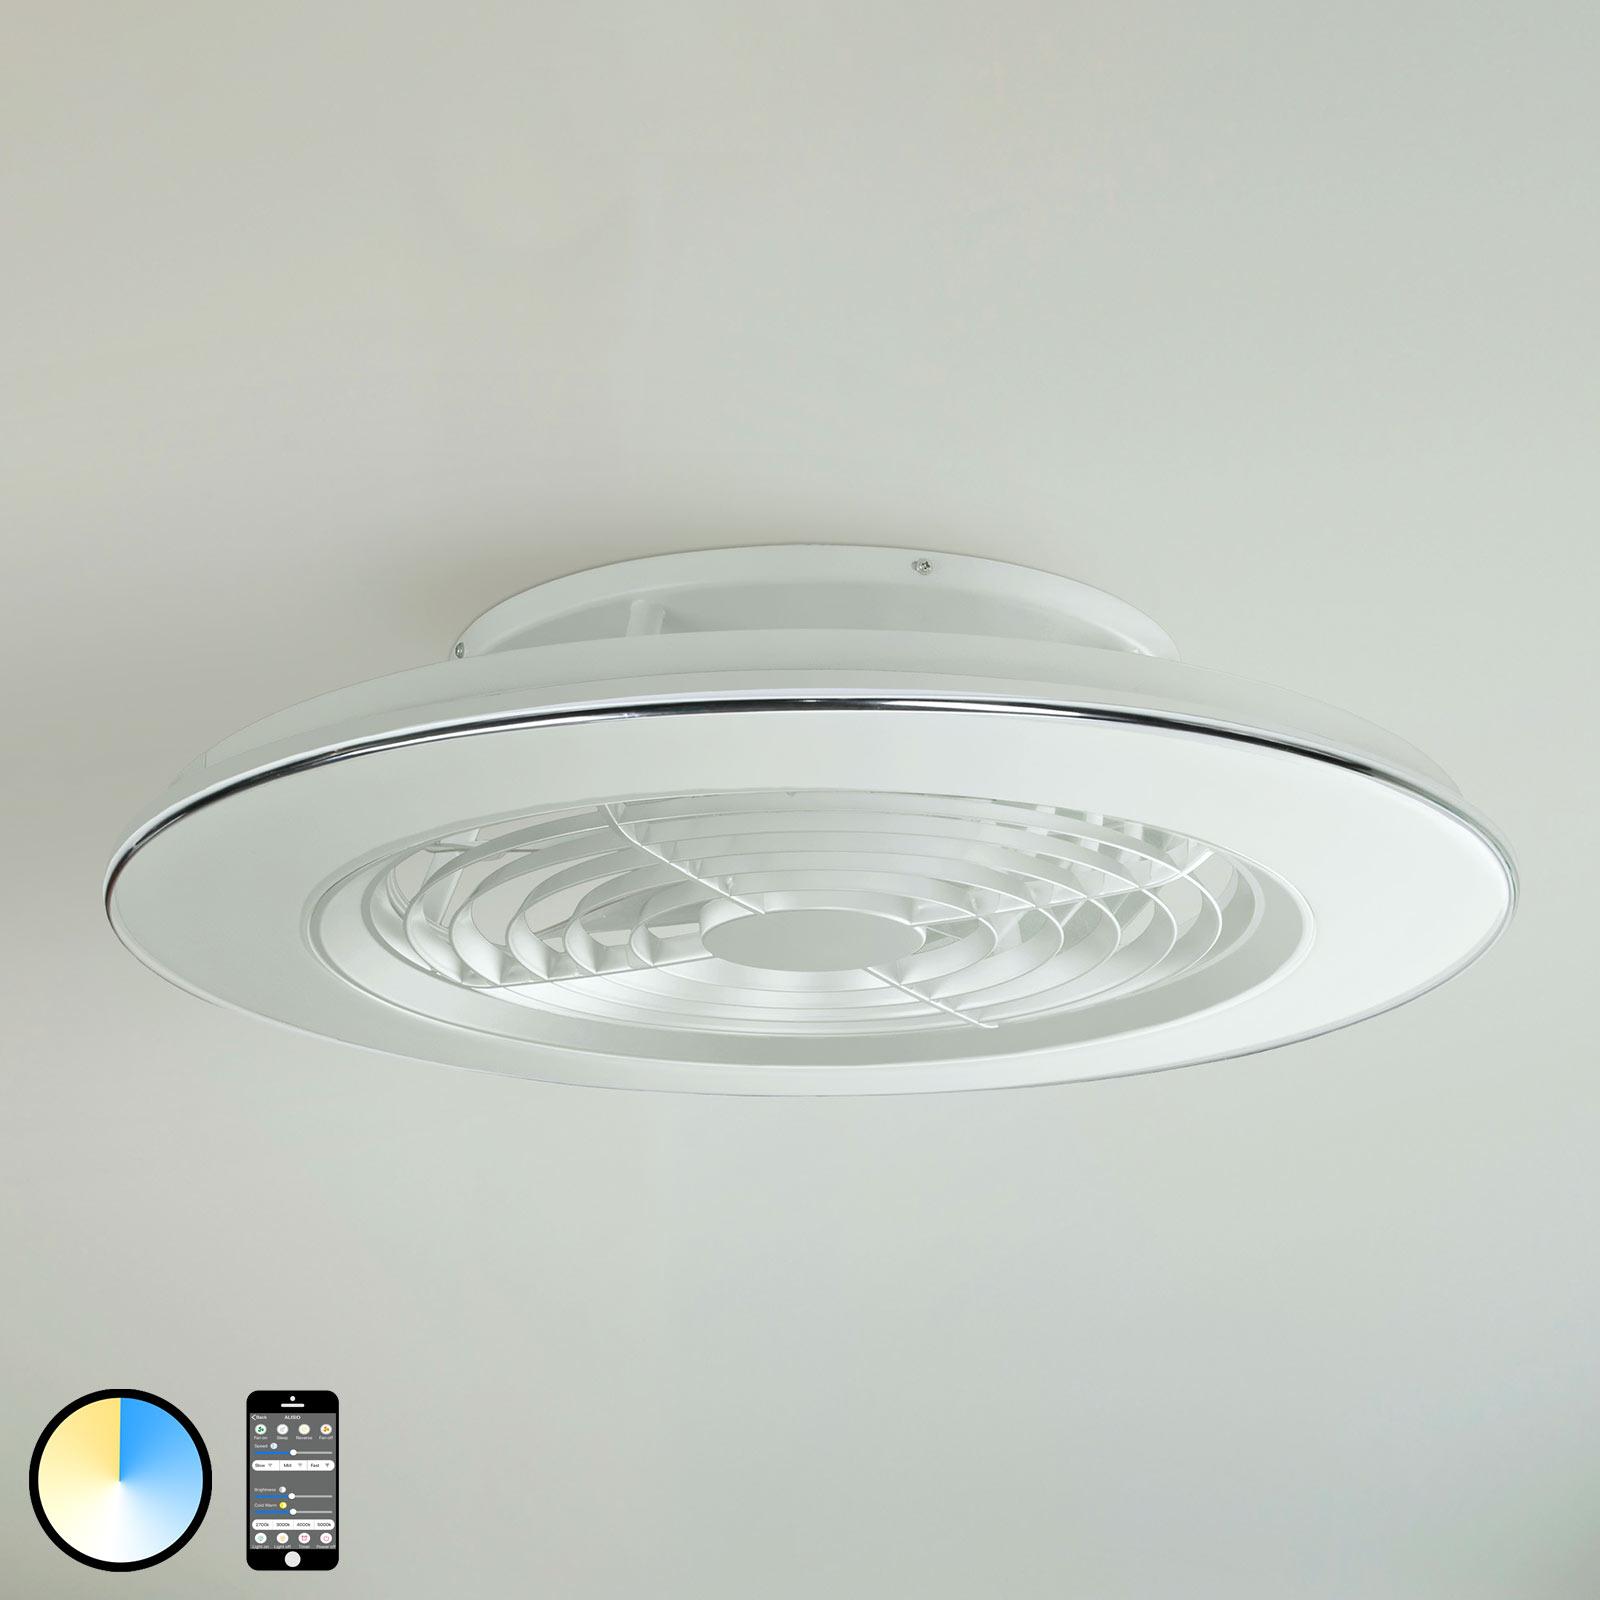 Deckenventilator Alisio, LED, App-steuerbar, weiß